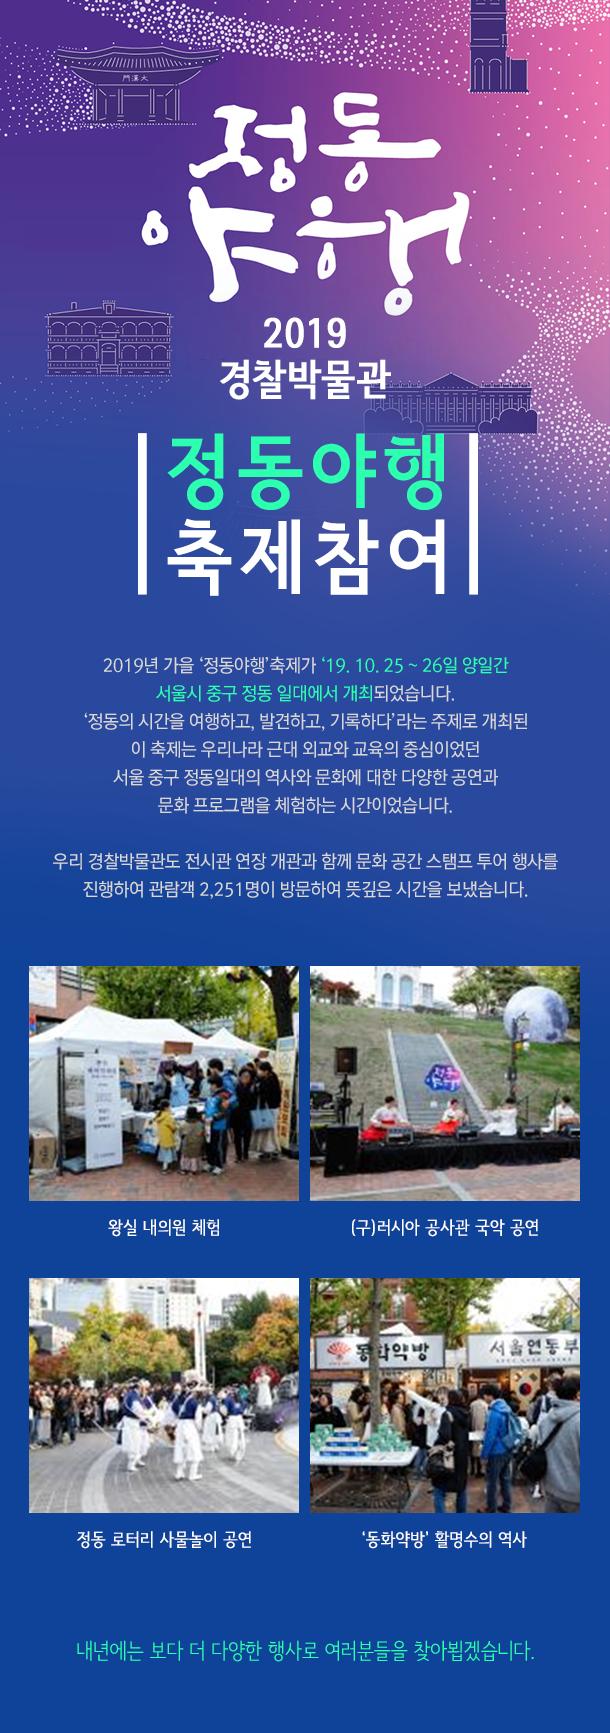 경찰박물관 정동야행 행사 후기